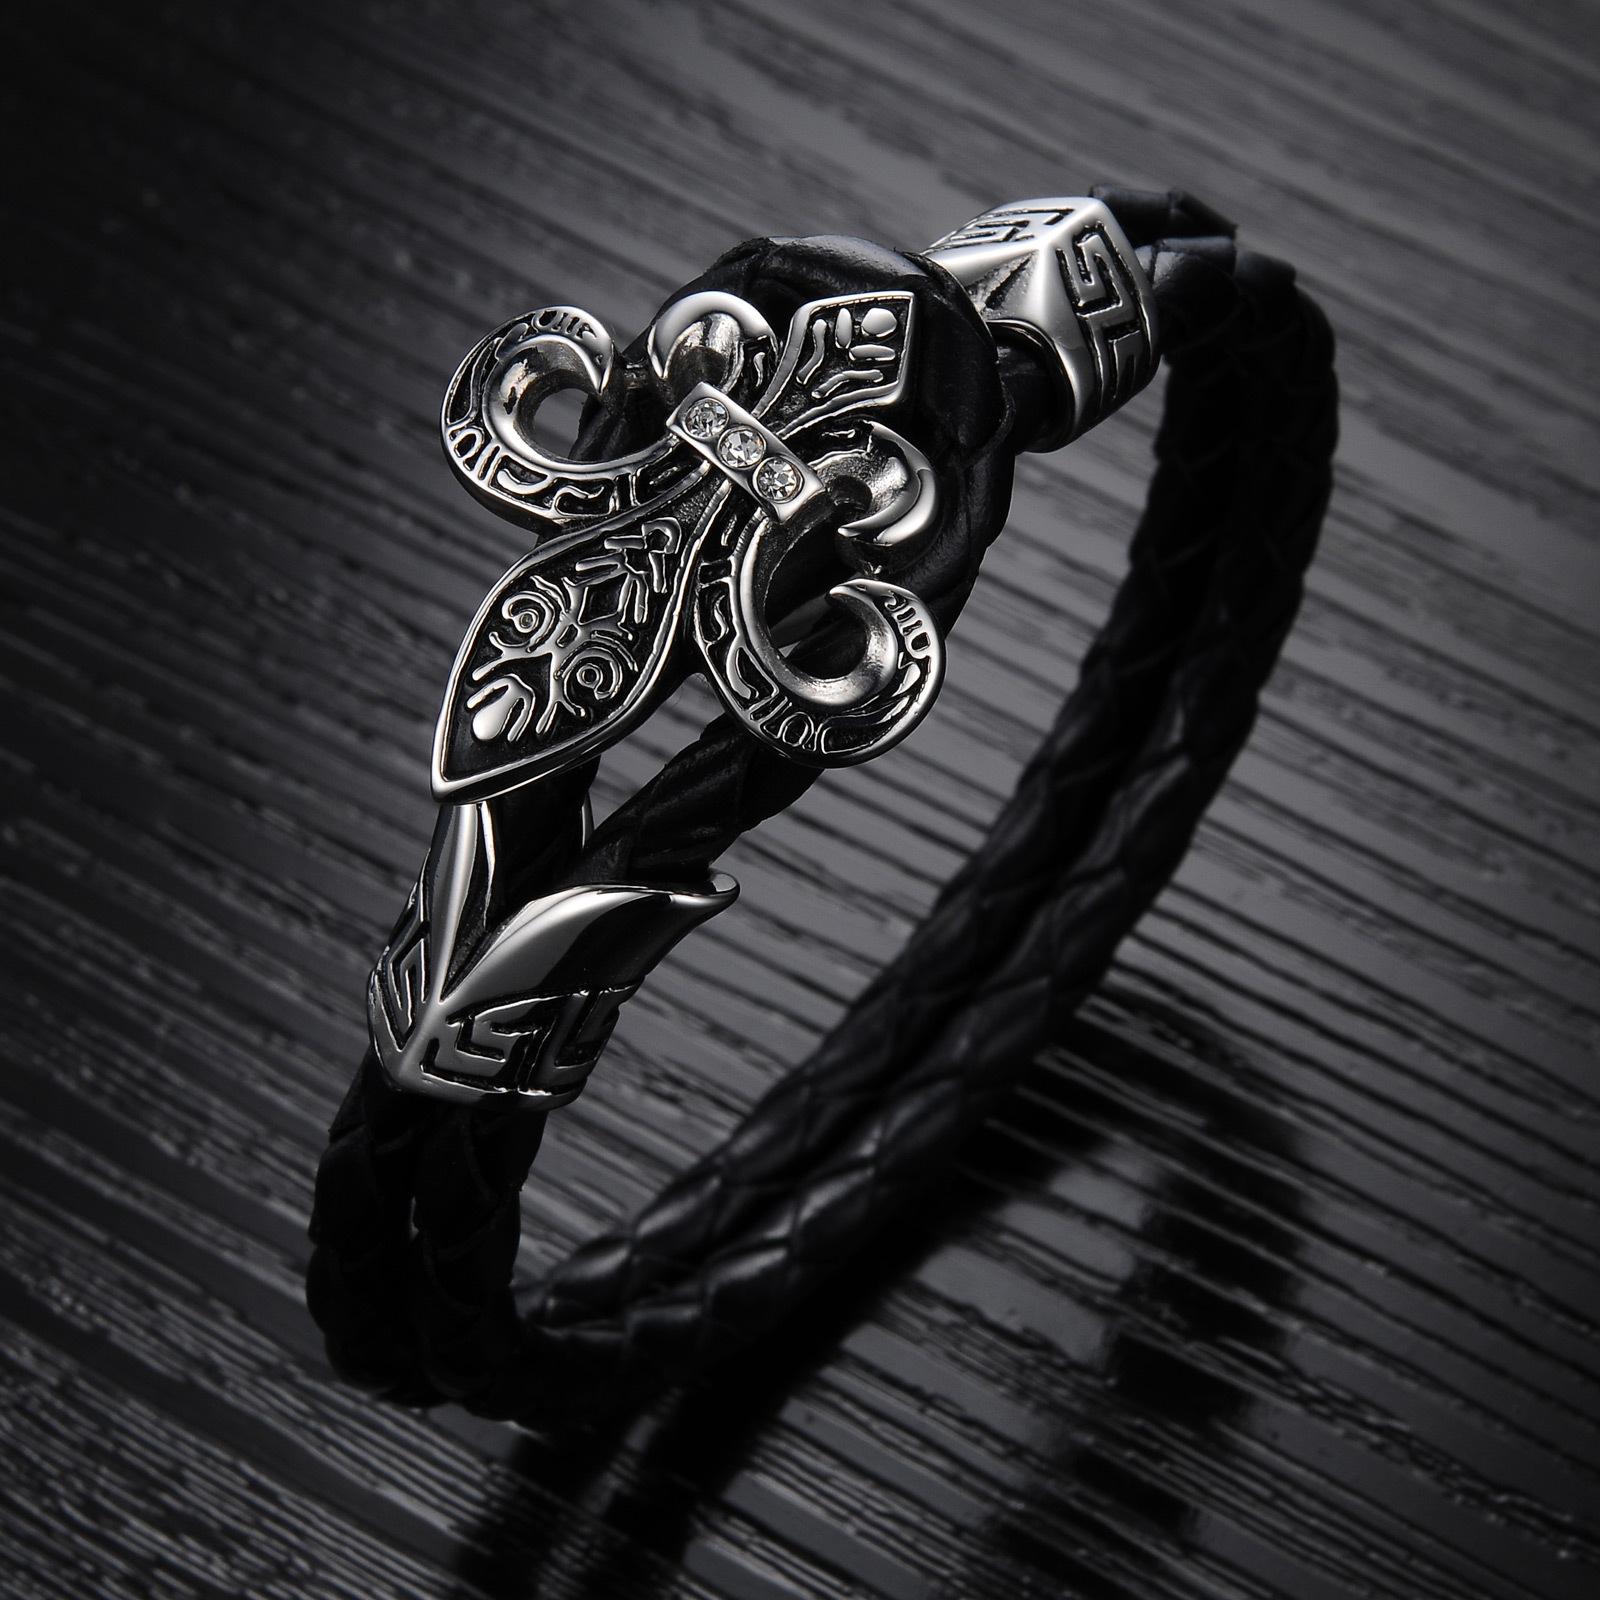 Европе Хорватия подъем мужчин титана стали кожа ретро панк ювелирных браслет корейских ювелирных изделий кожаный браслет для мужчин и женщин